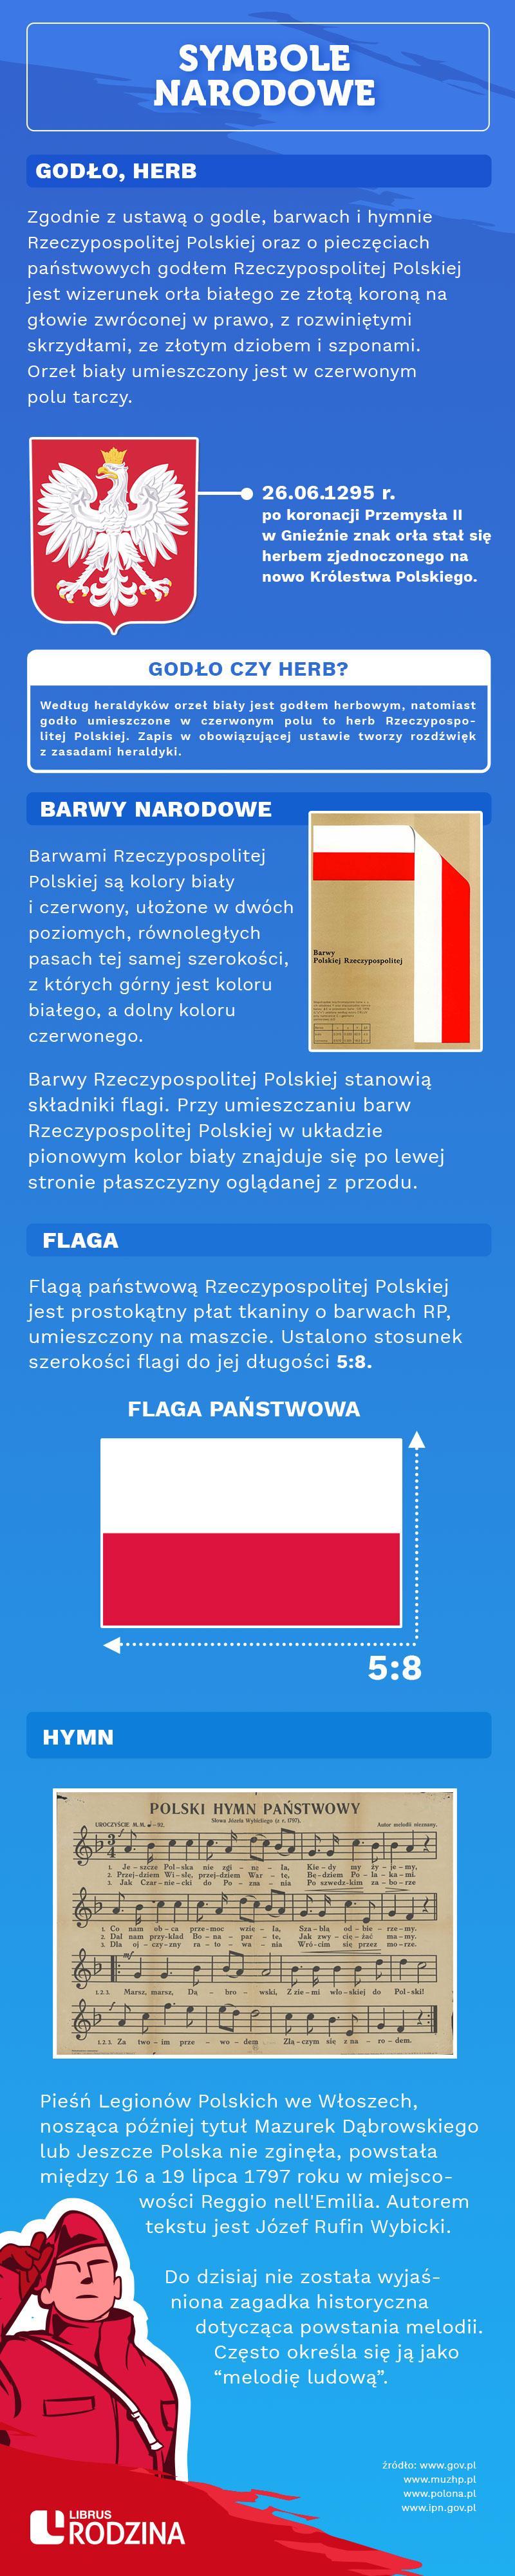 a_symbole_narodowe_LR_graf.jpg